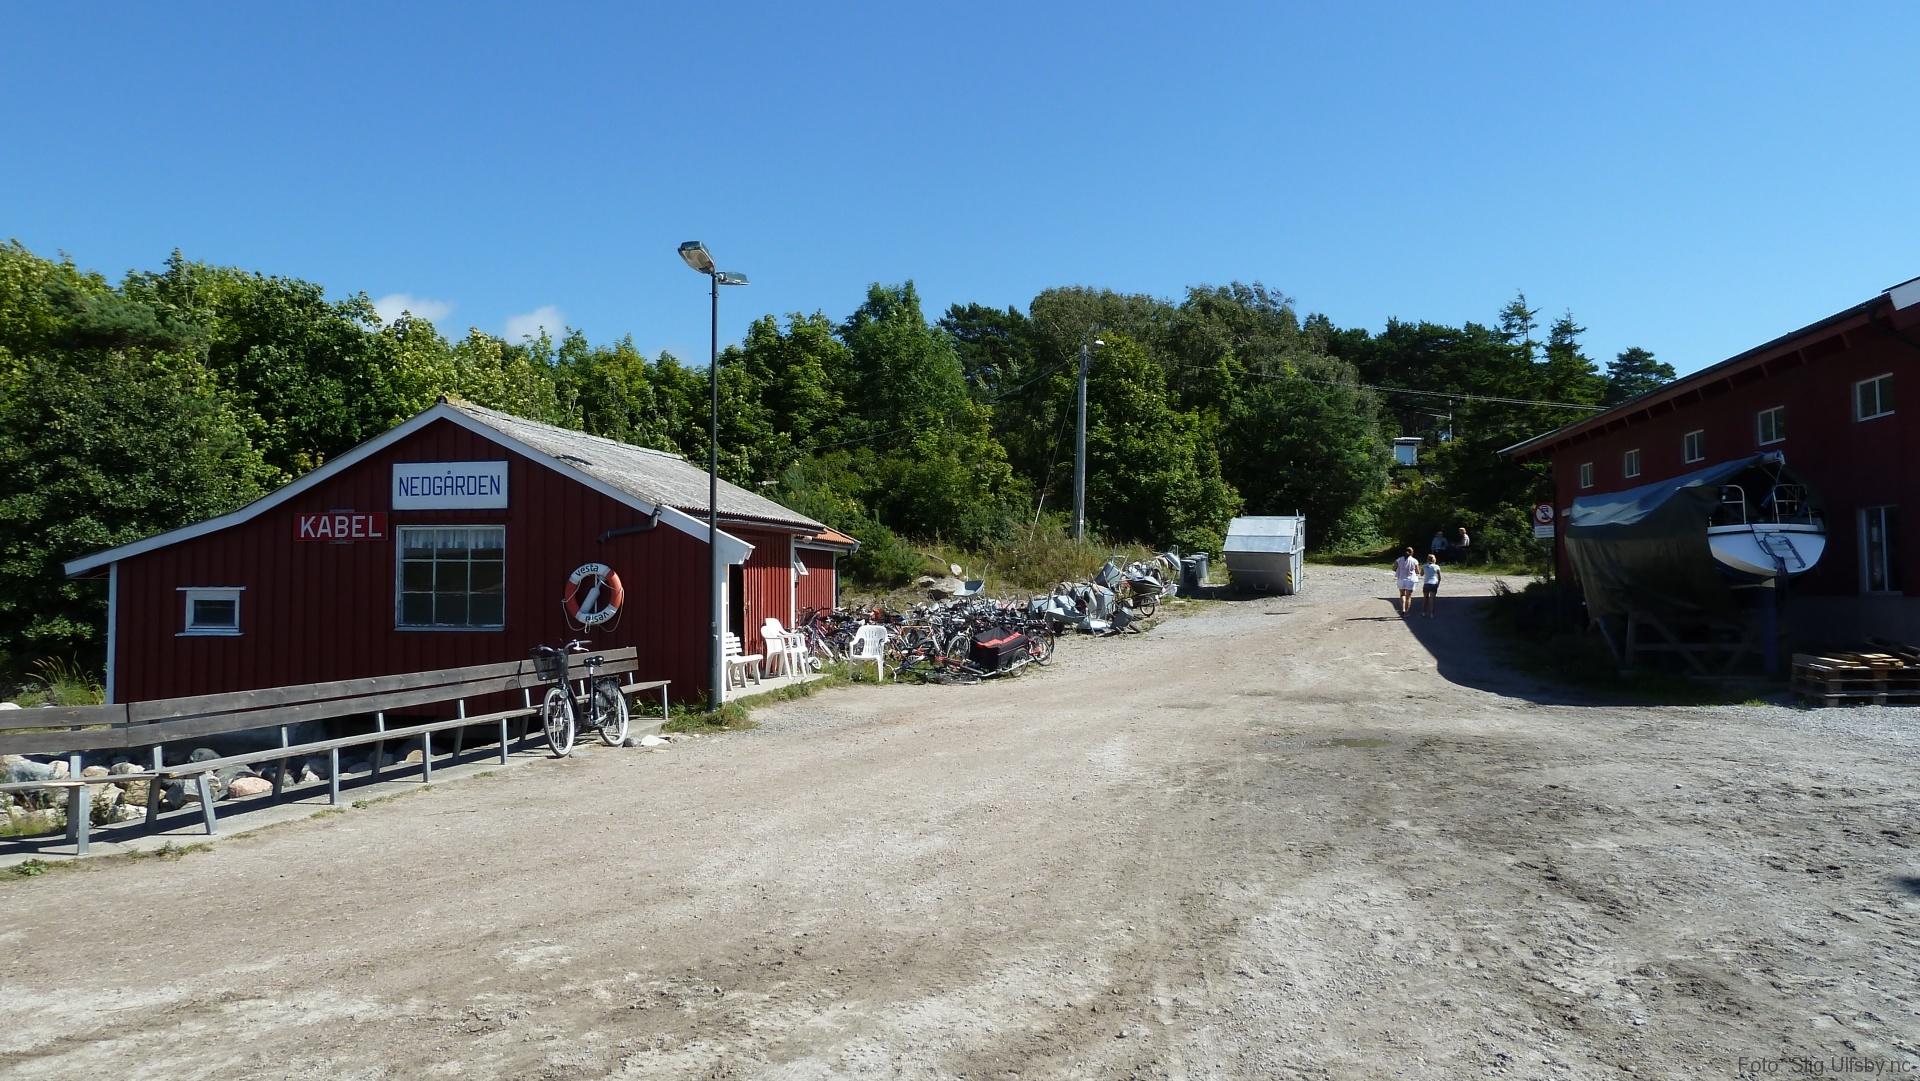 Nedgården brygge på Søndre Sandøy, Hvaler juli 2010